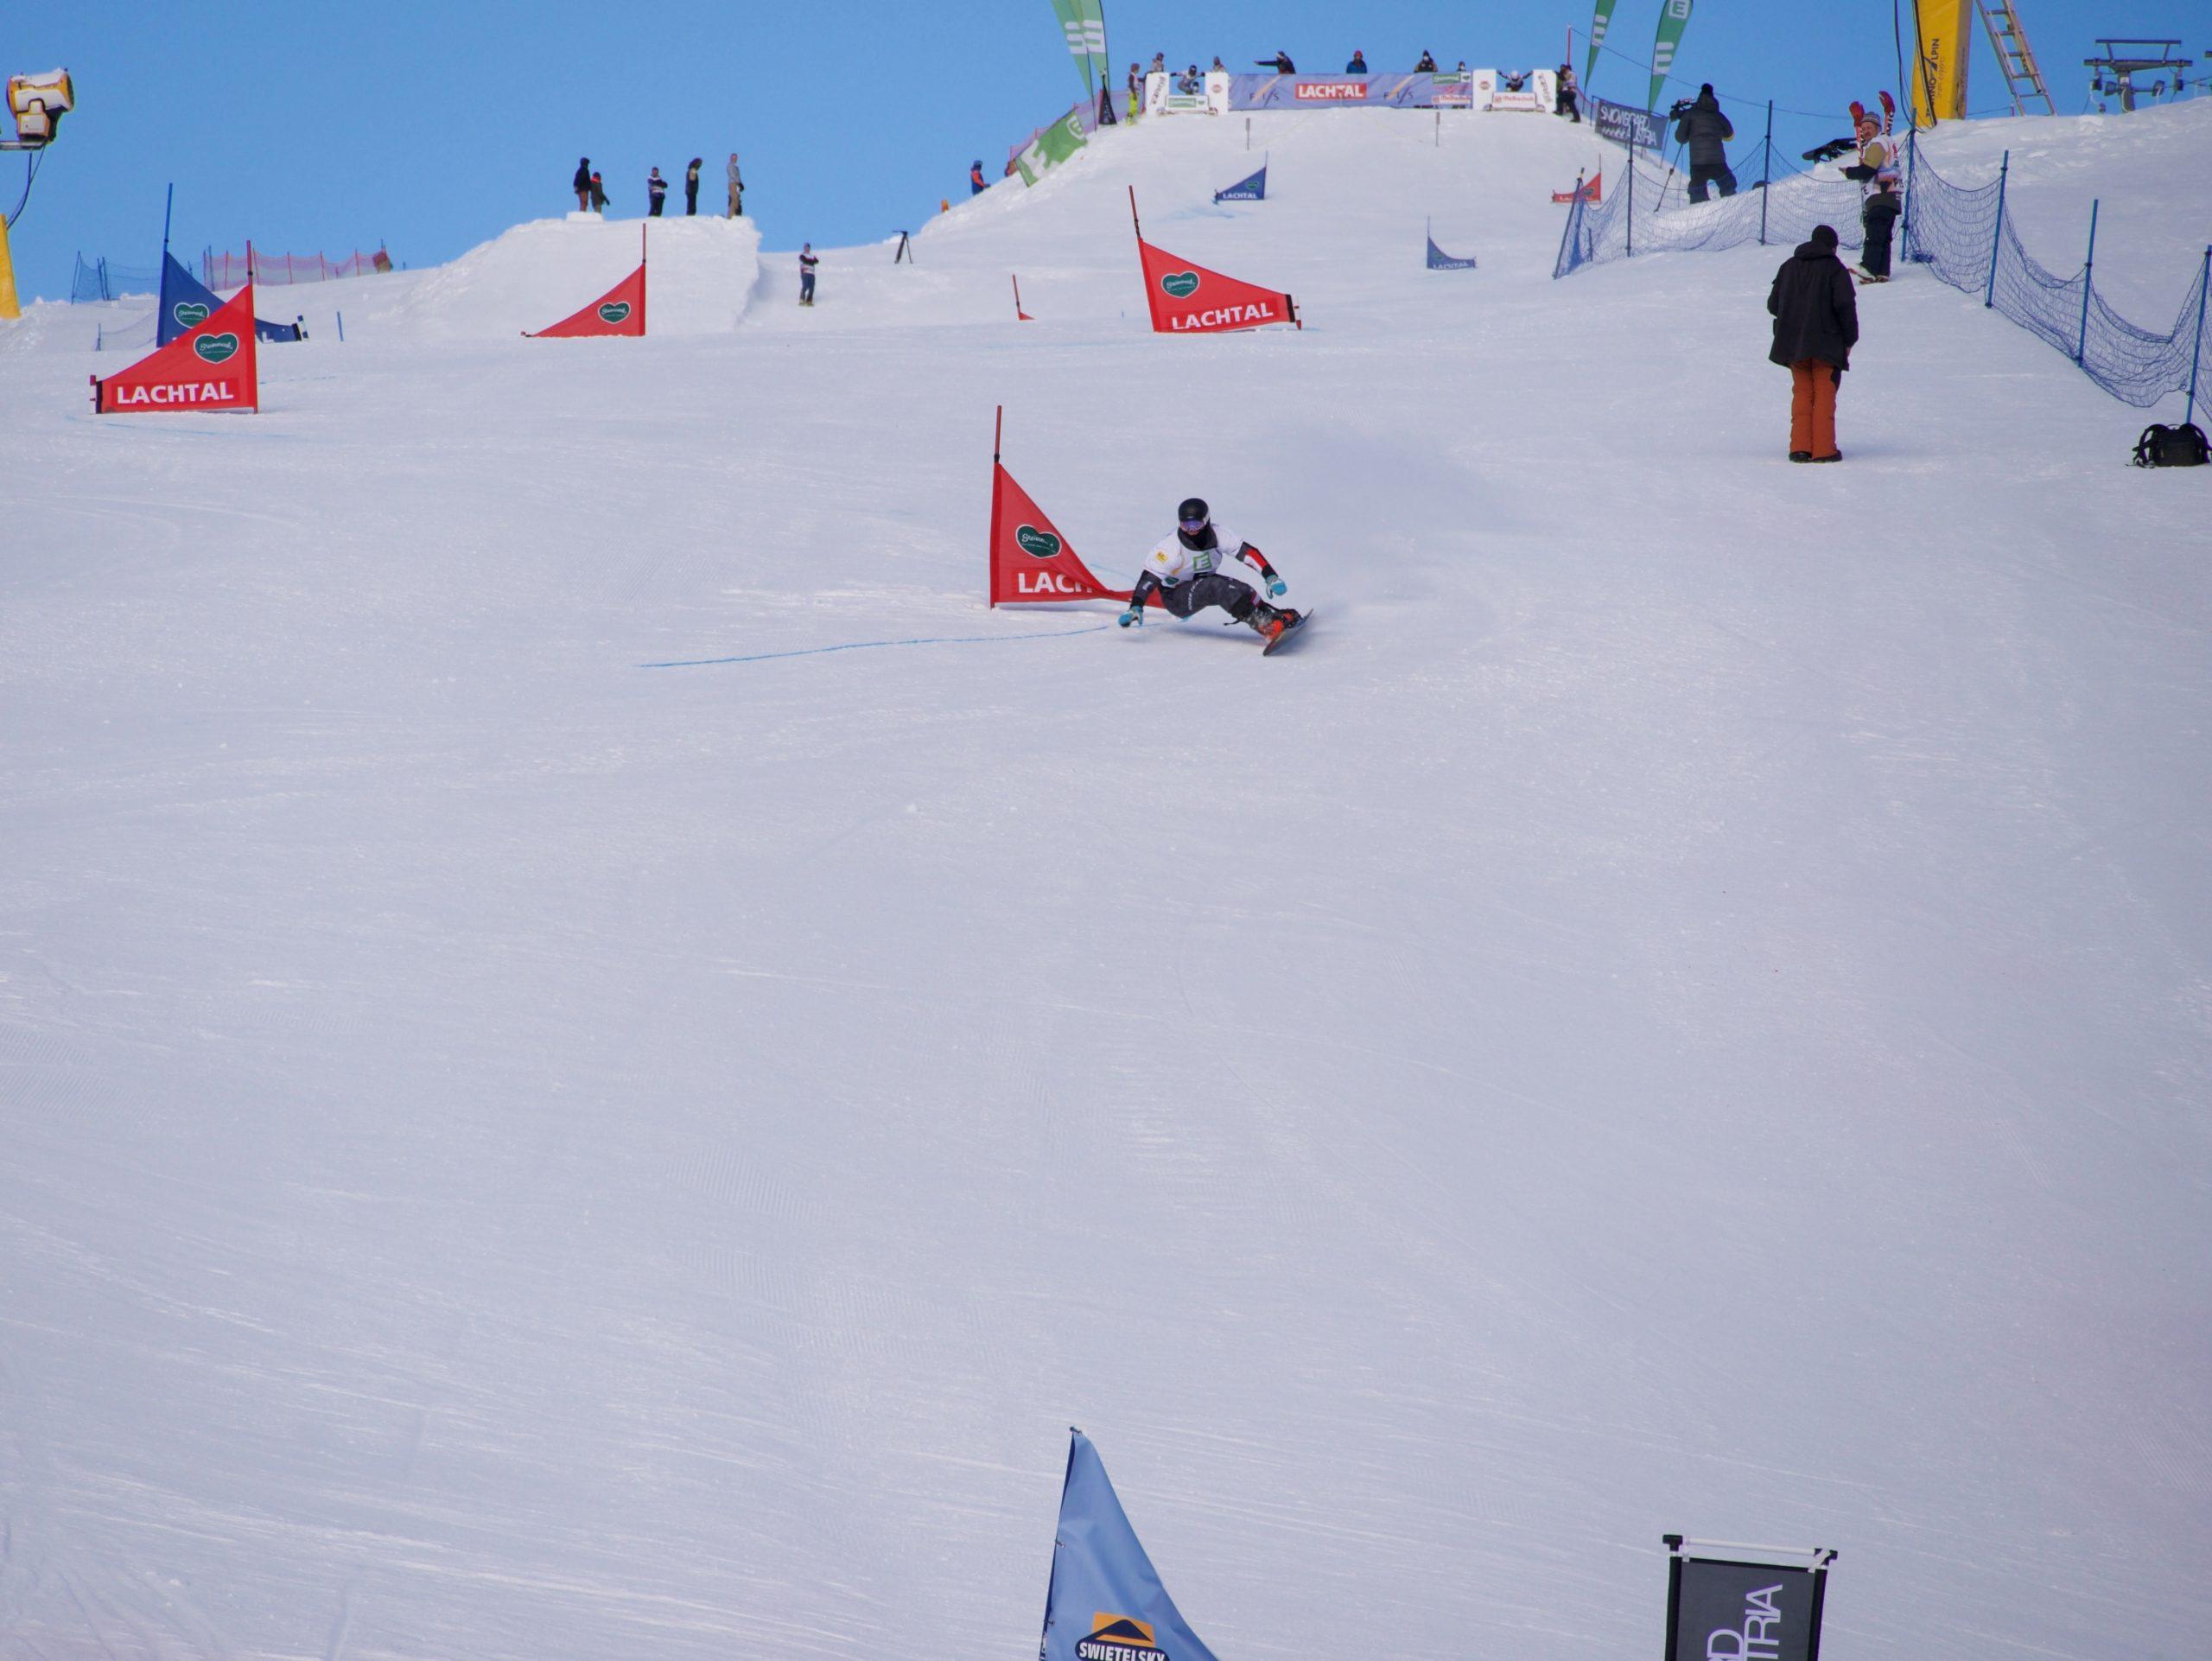 Snowboard Junioren-WM im Lachtal